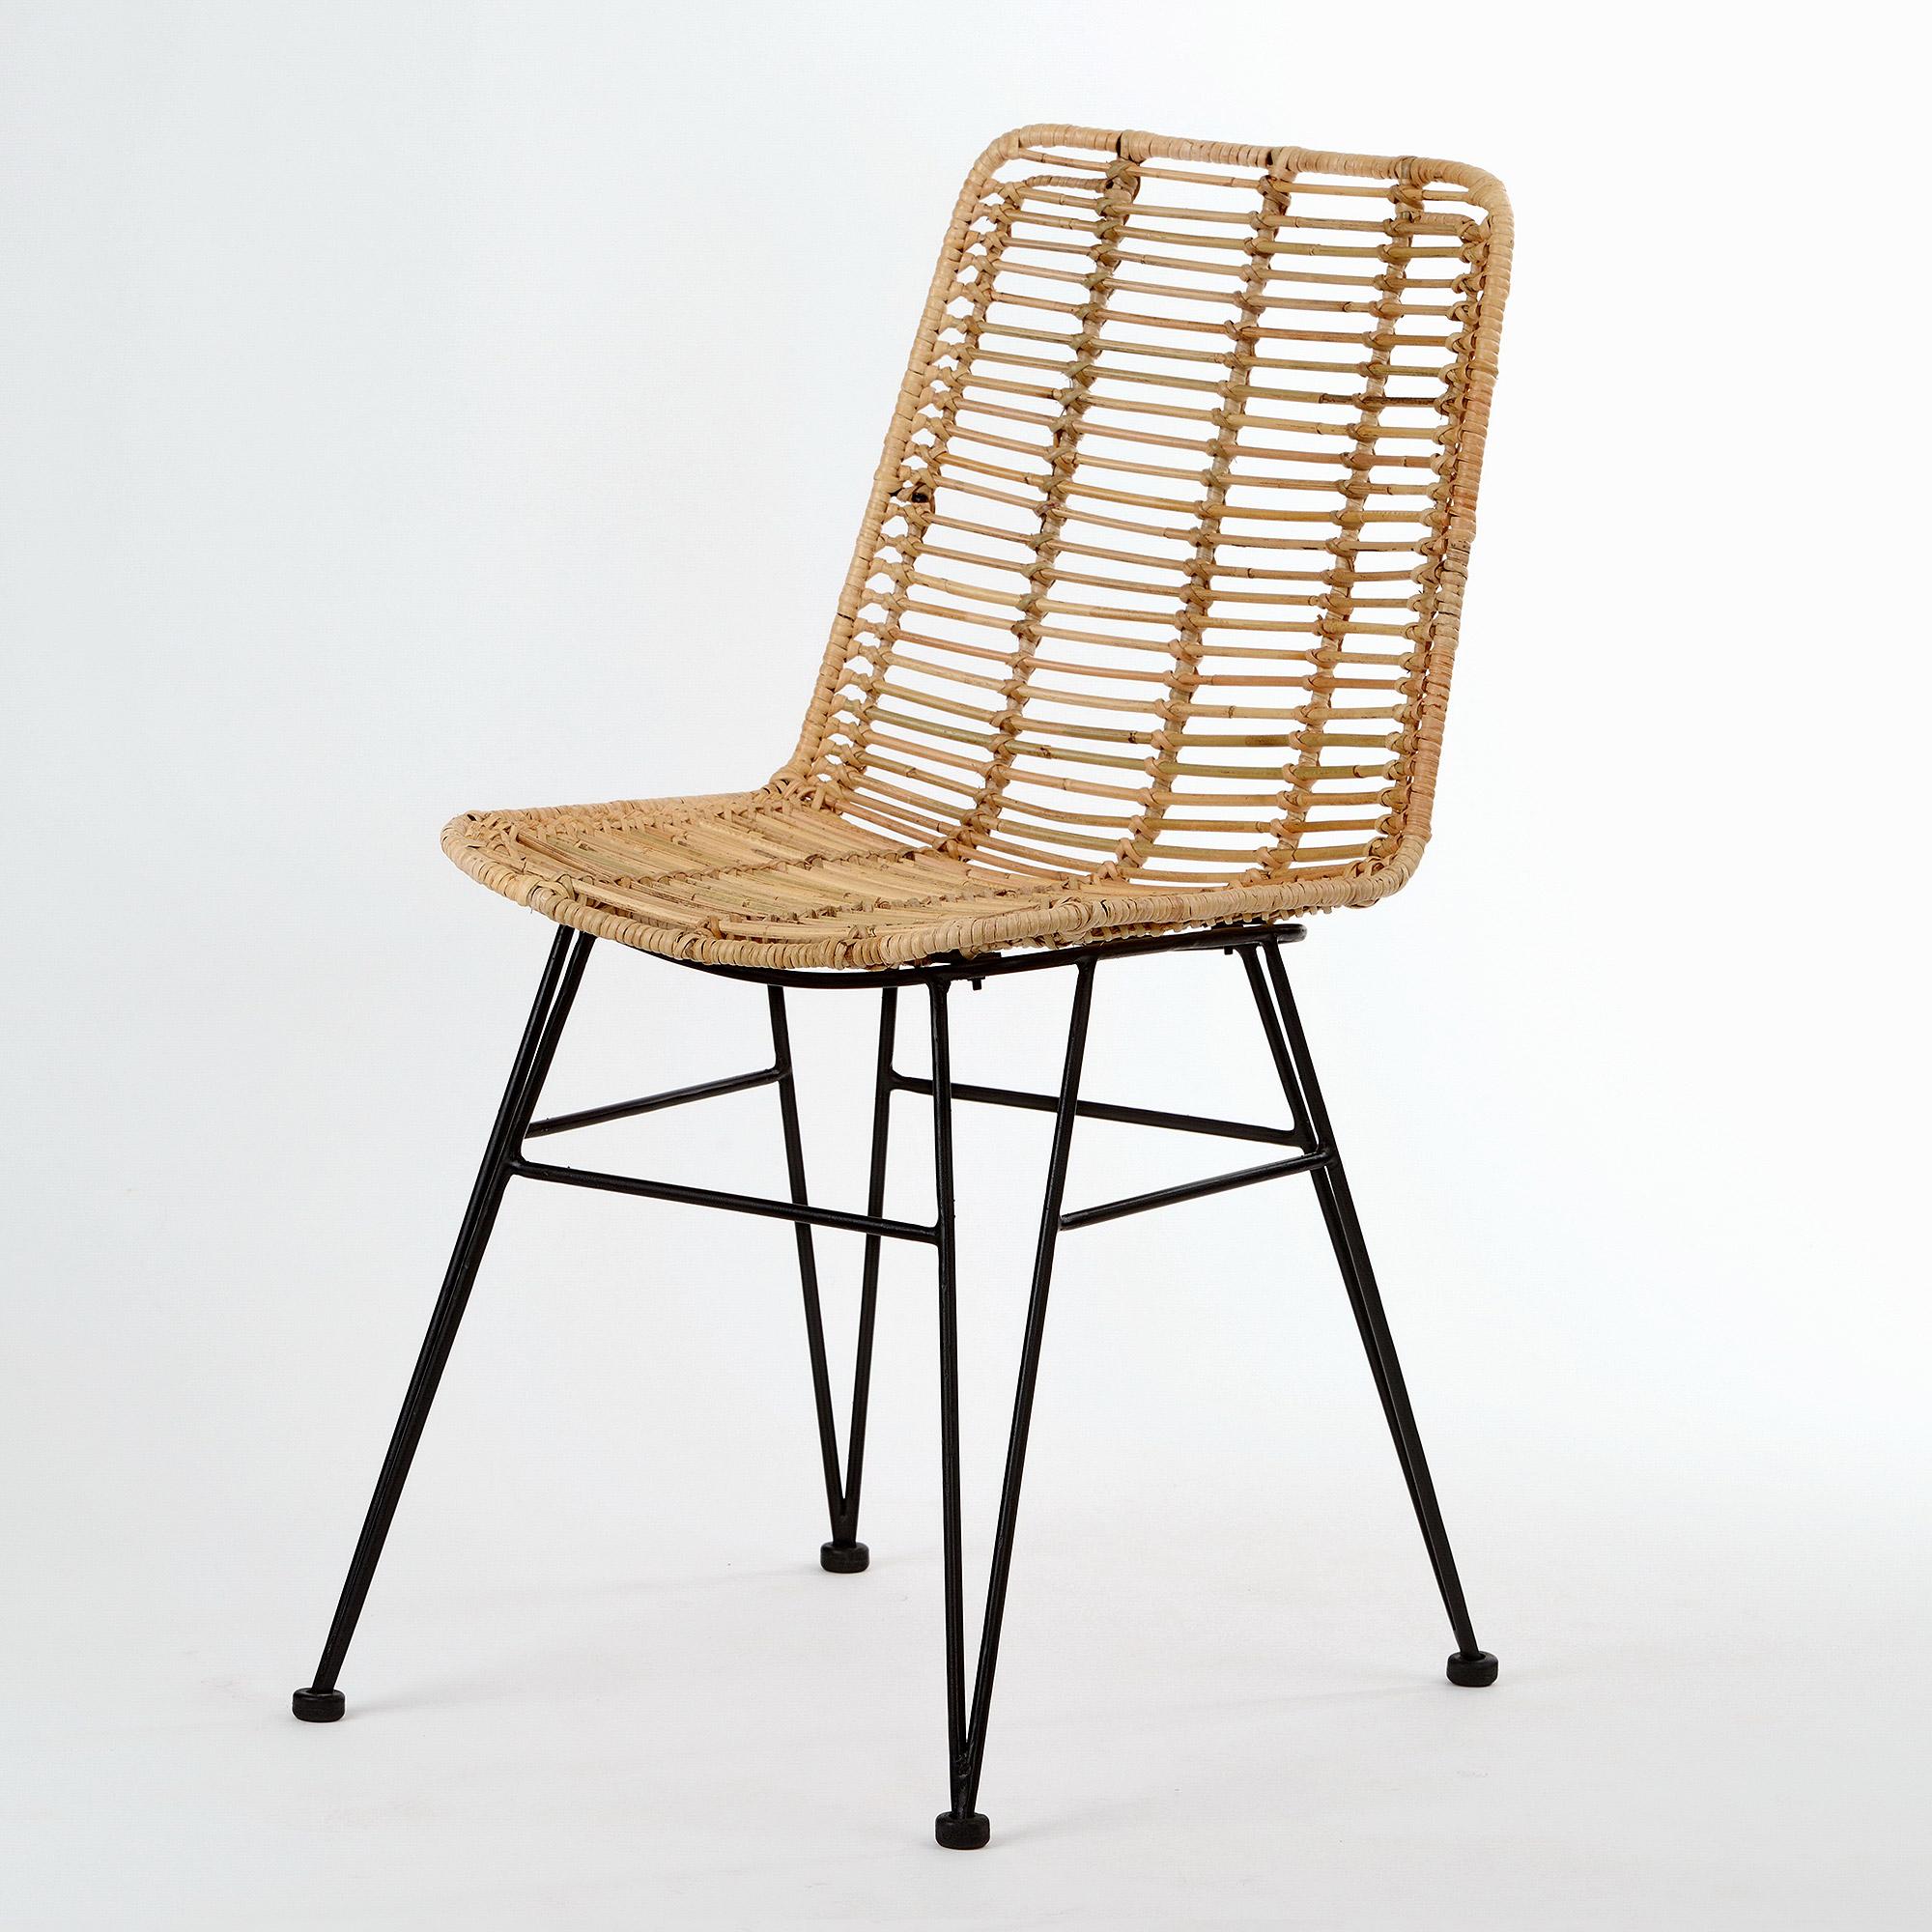 animal-design Rattan Stuhl MAGY (9) moderner Flechtstuhl Korb Stuhl  Esszimmer Wohnzimmer  animal-design